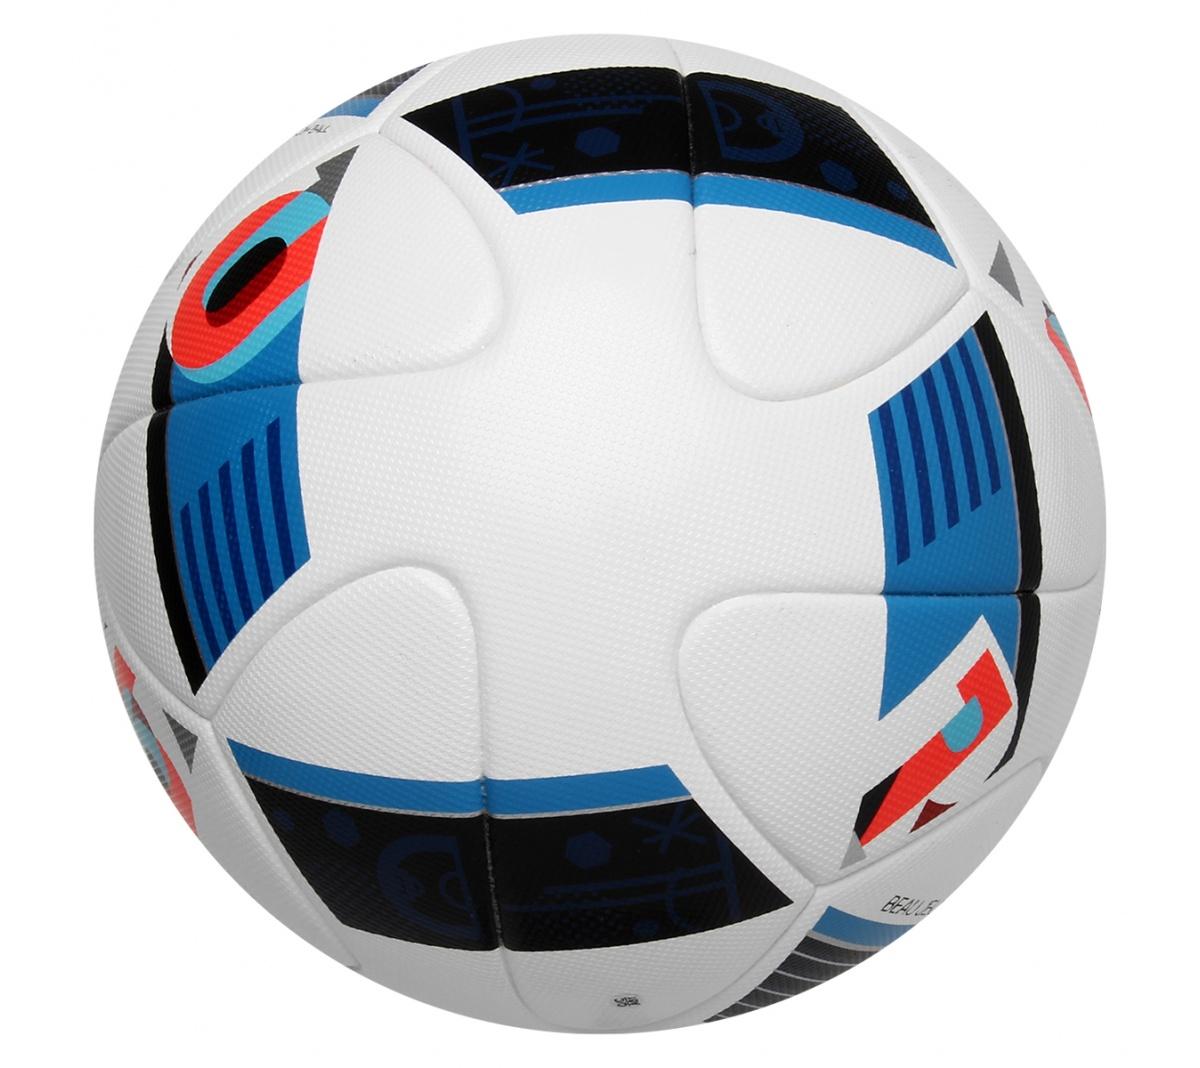 ff60038dda009 Bola Adidas EURO16 OMB - Mundo do Futebol